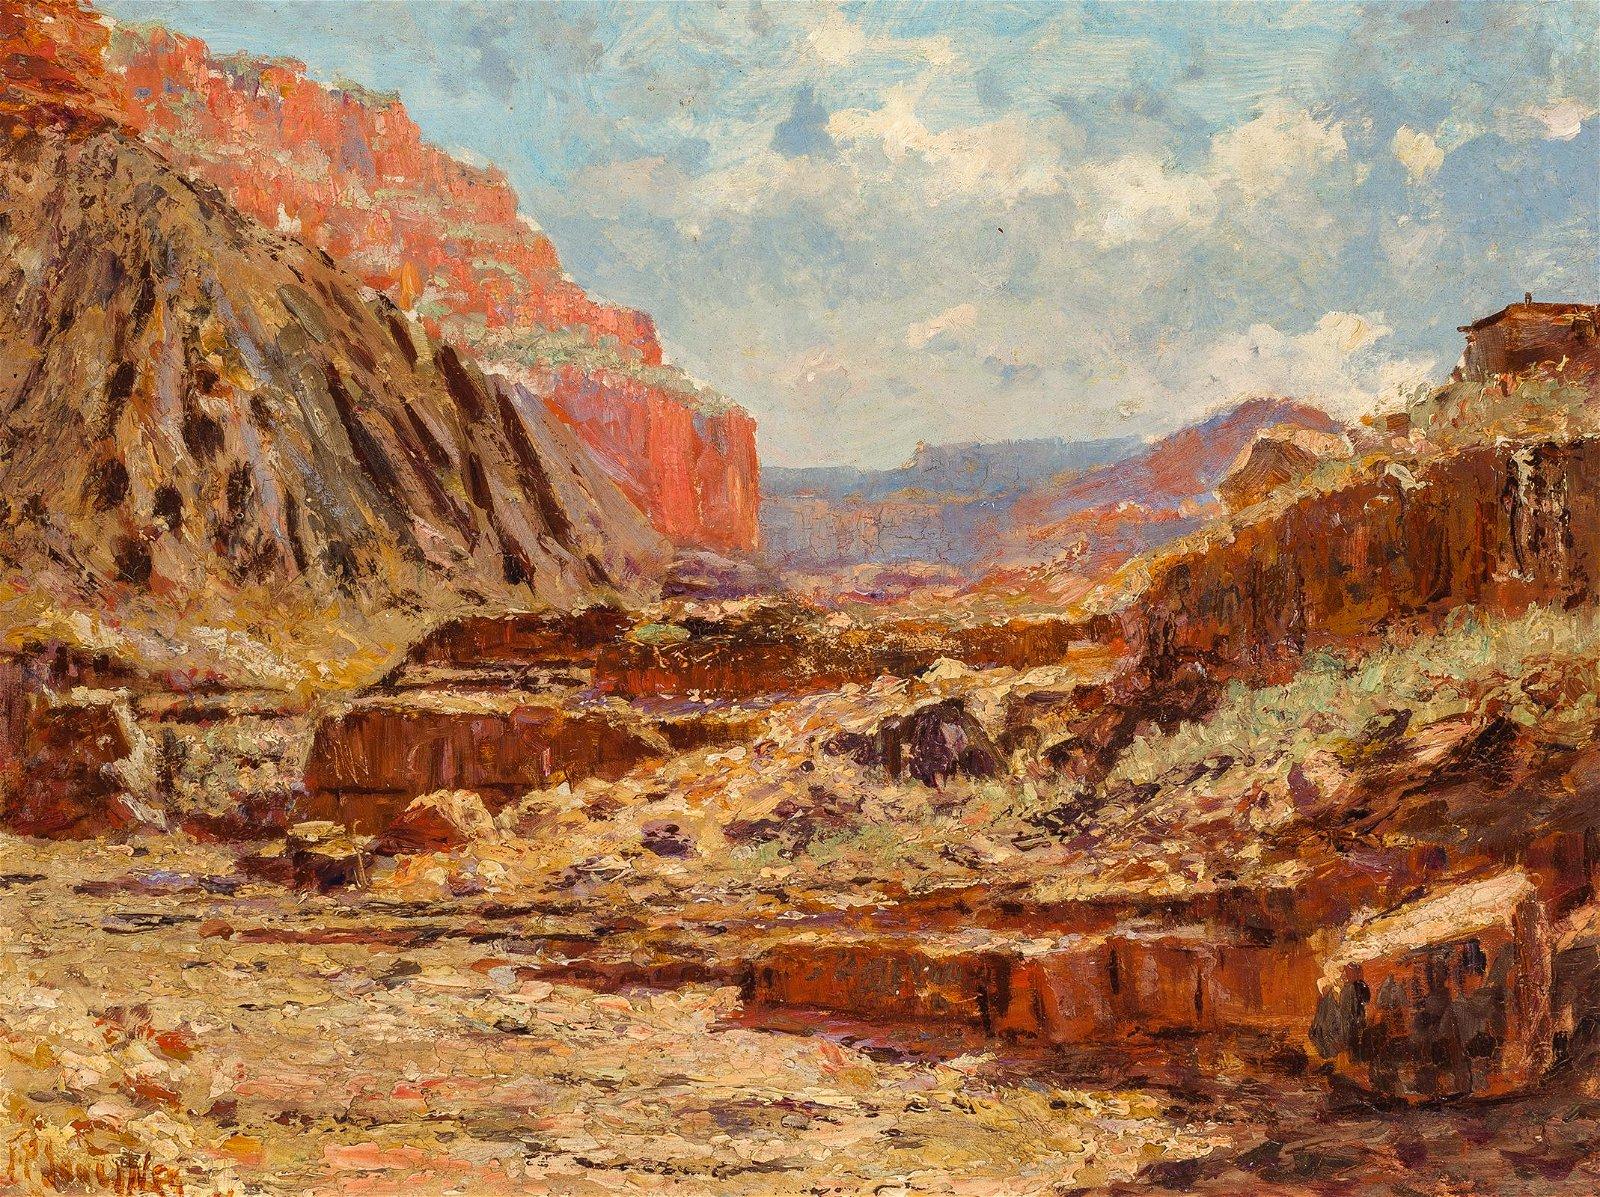 Frank P. Sauerwein | Gorge - Old Miner's Cabin